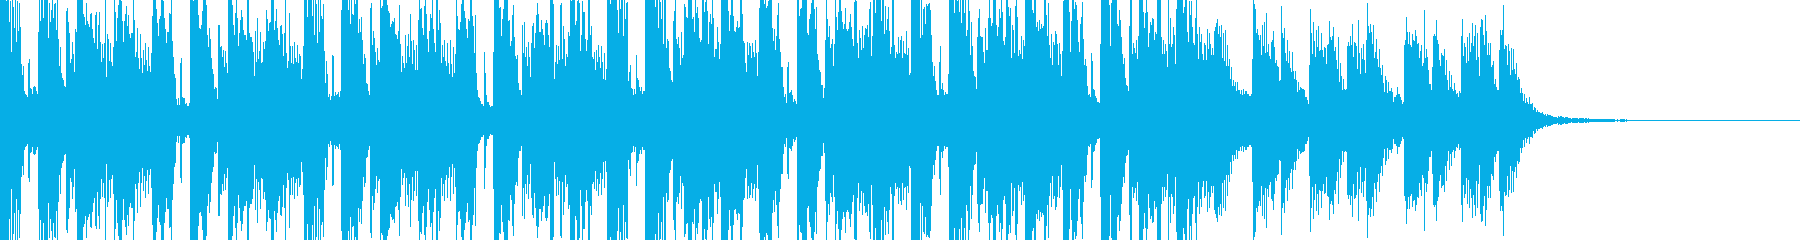 ウォーク&ウォークの再生済みの波形